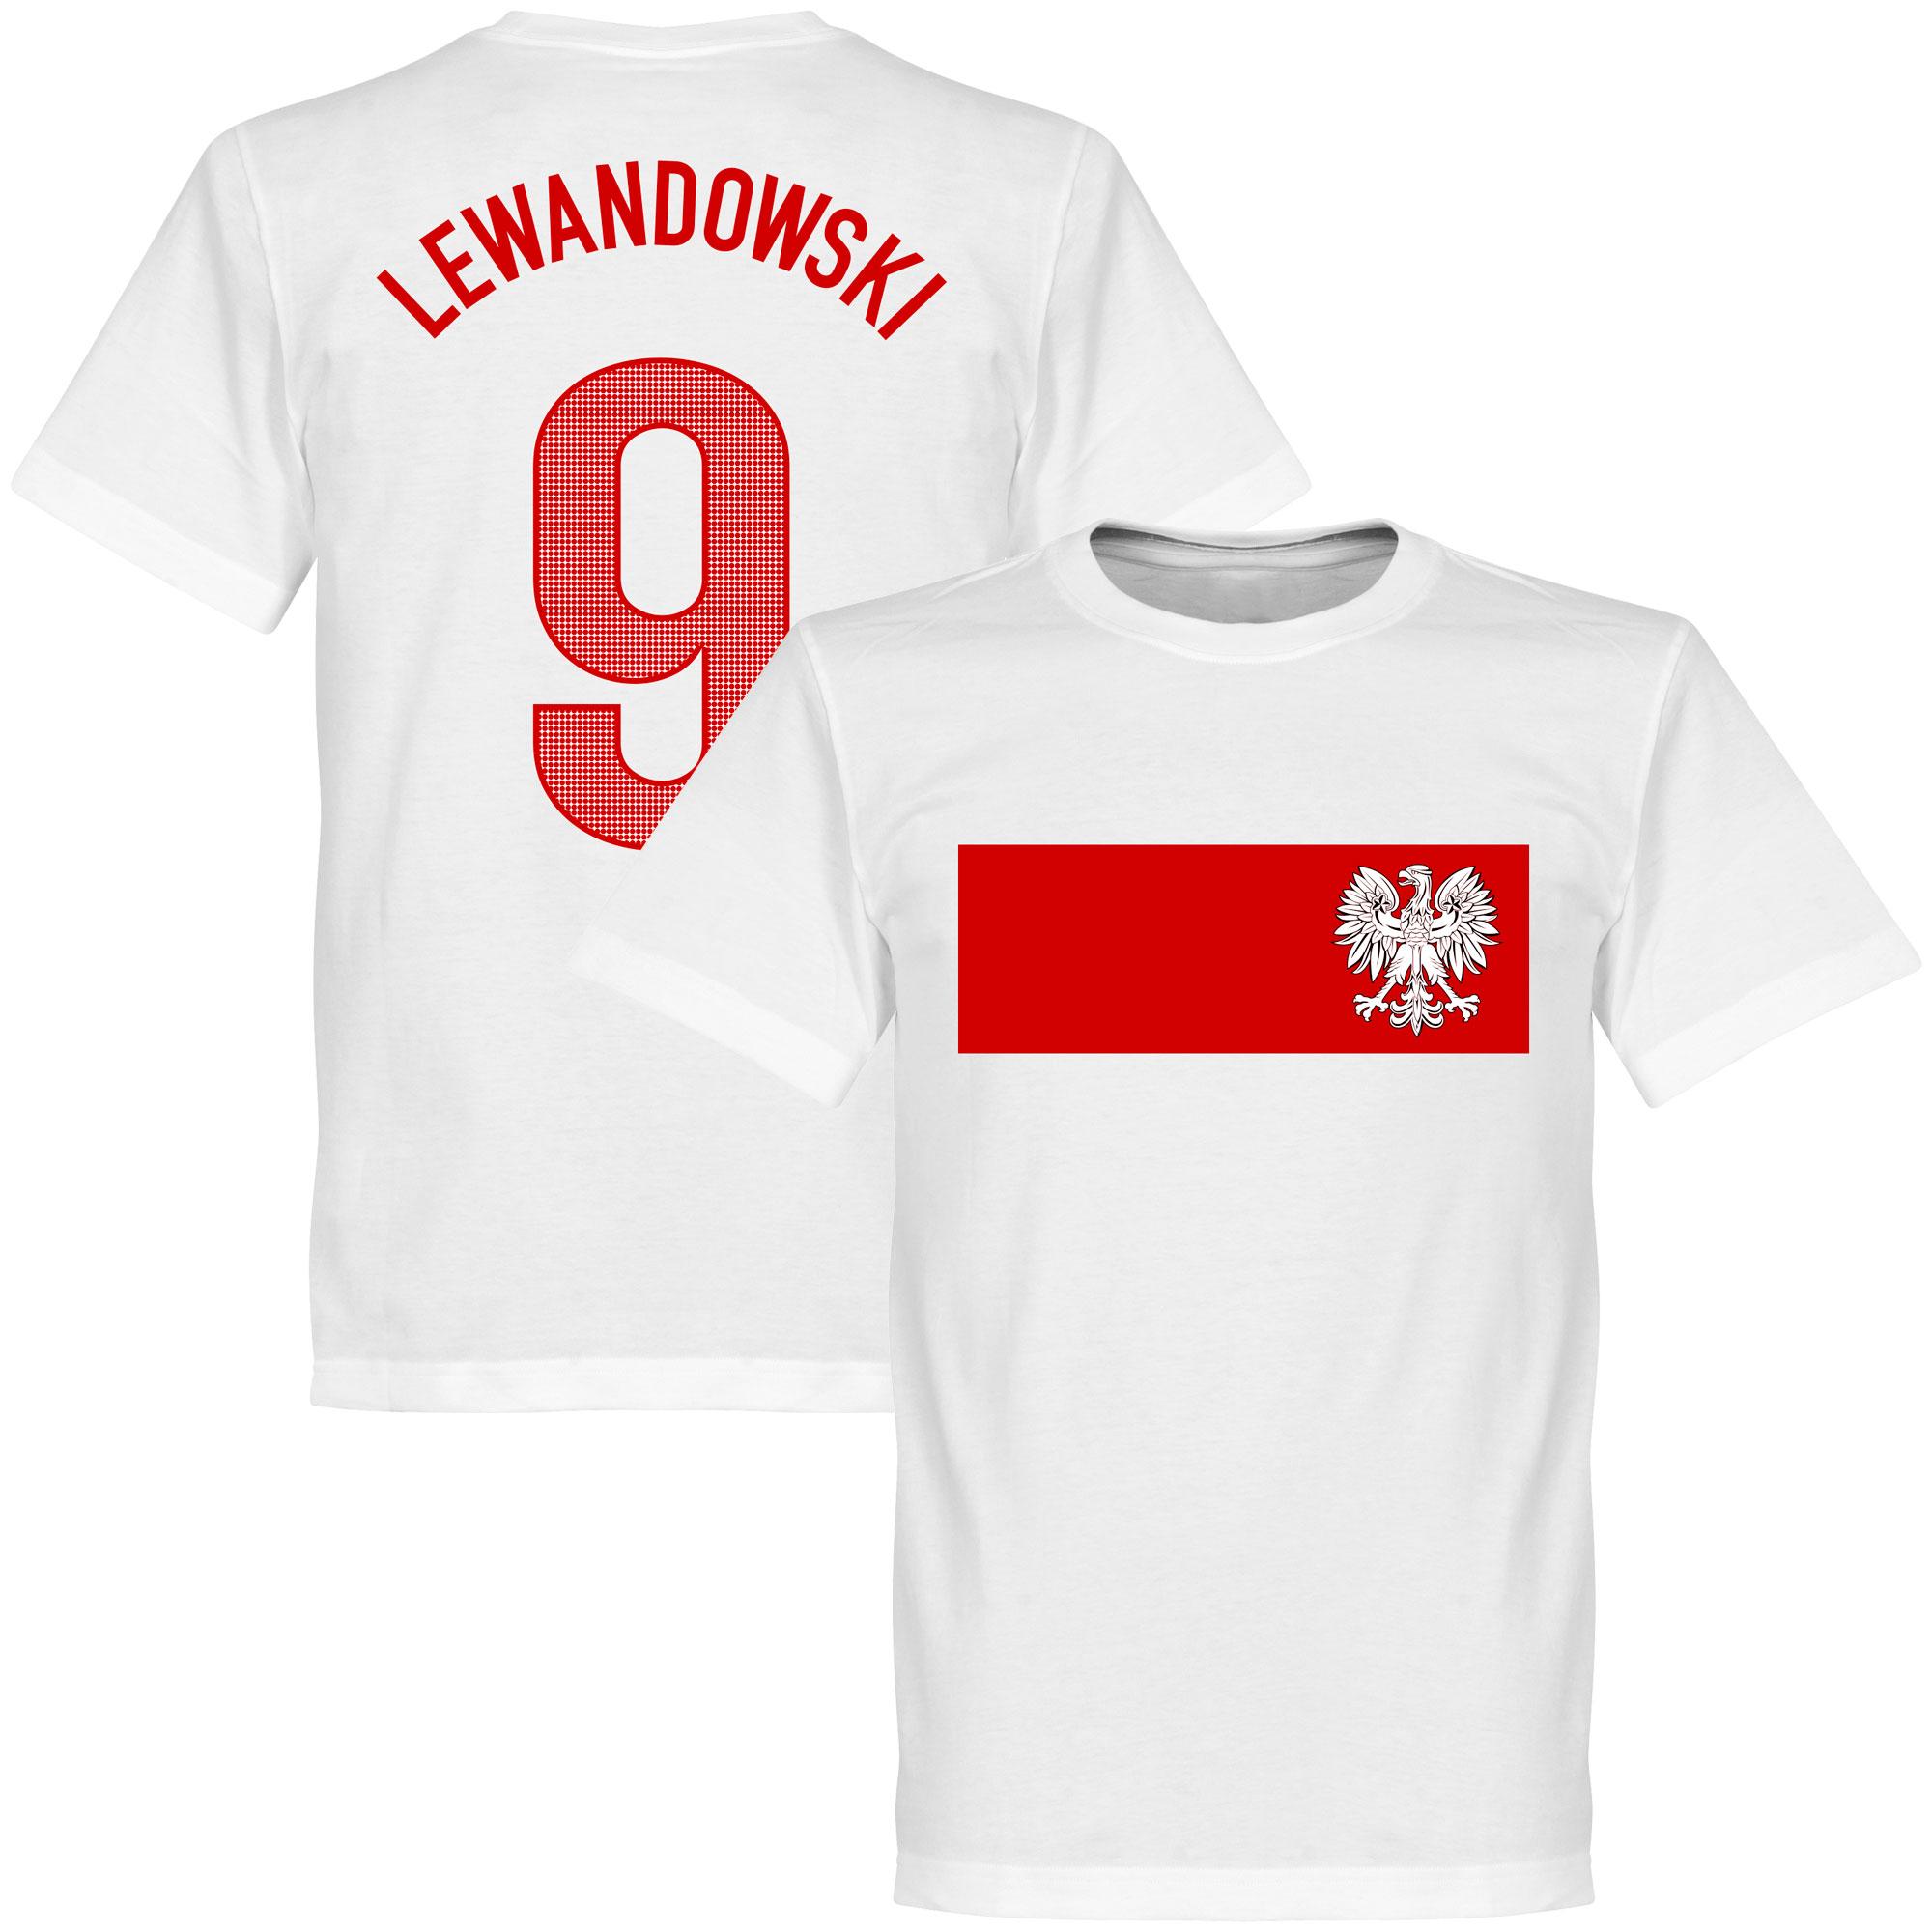 Poland Lewandowski Banner Tee - XL